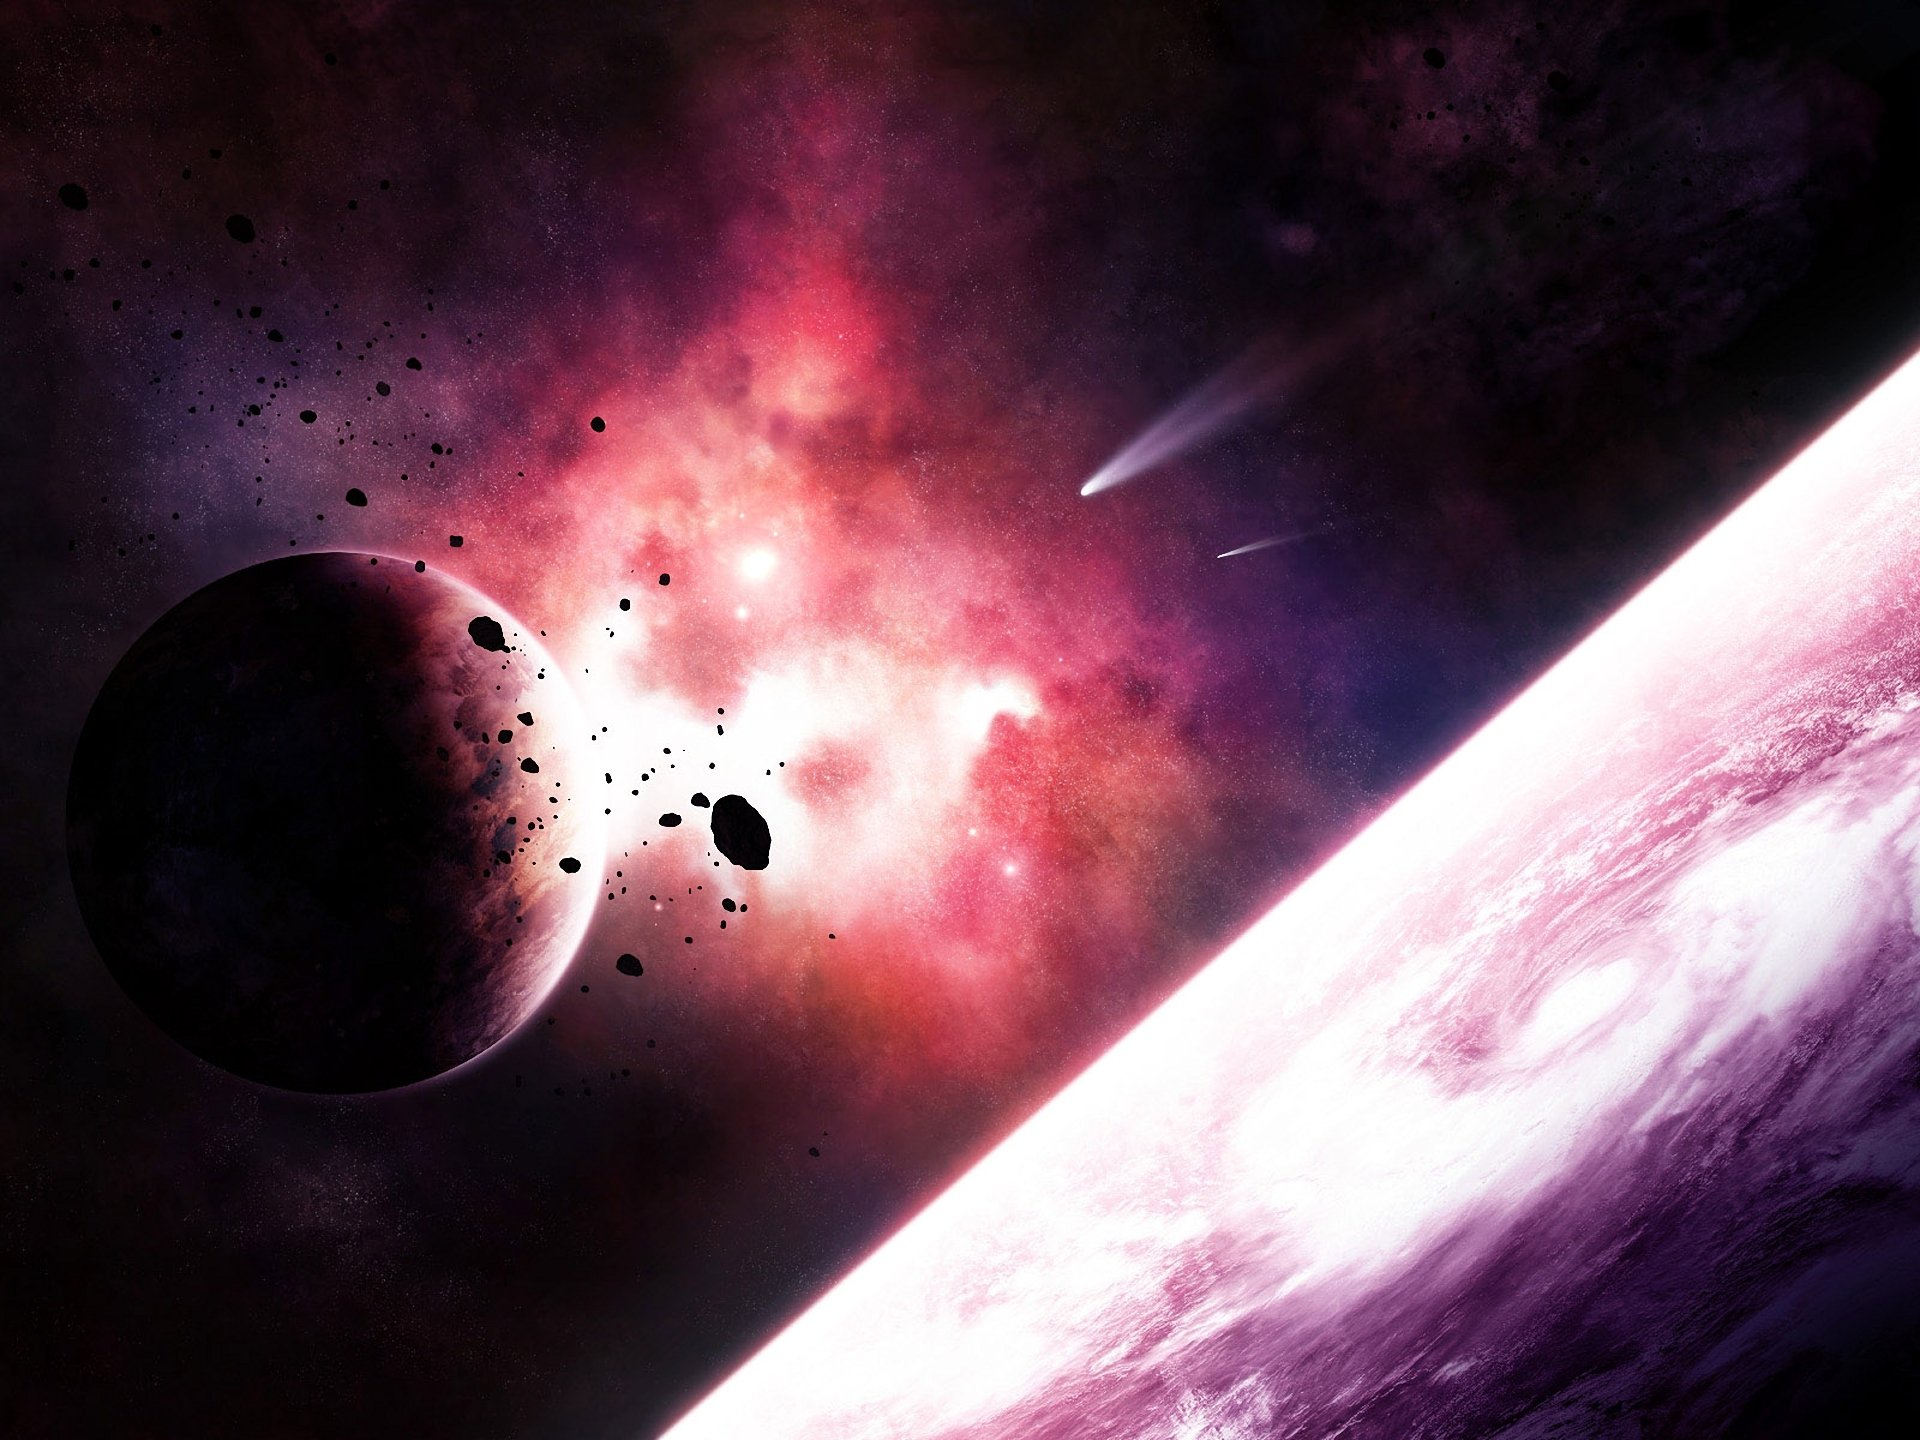 Обои Планеты и туманности картинки на рабочий стол на тему Космос - скачать  № 3551721 загрузить